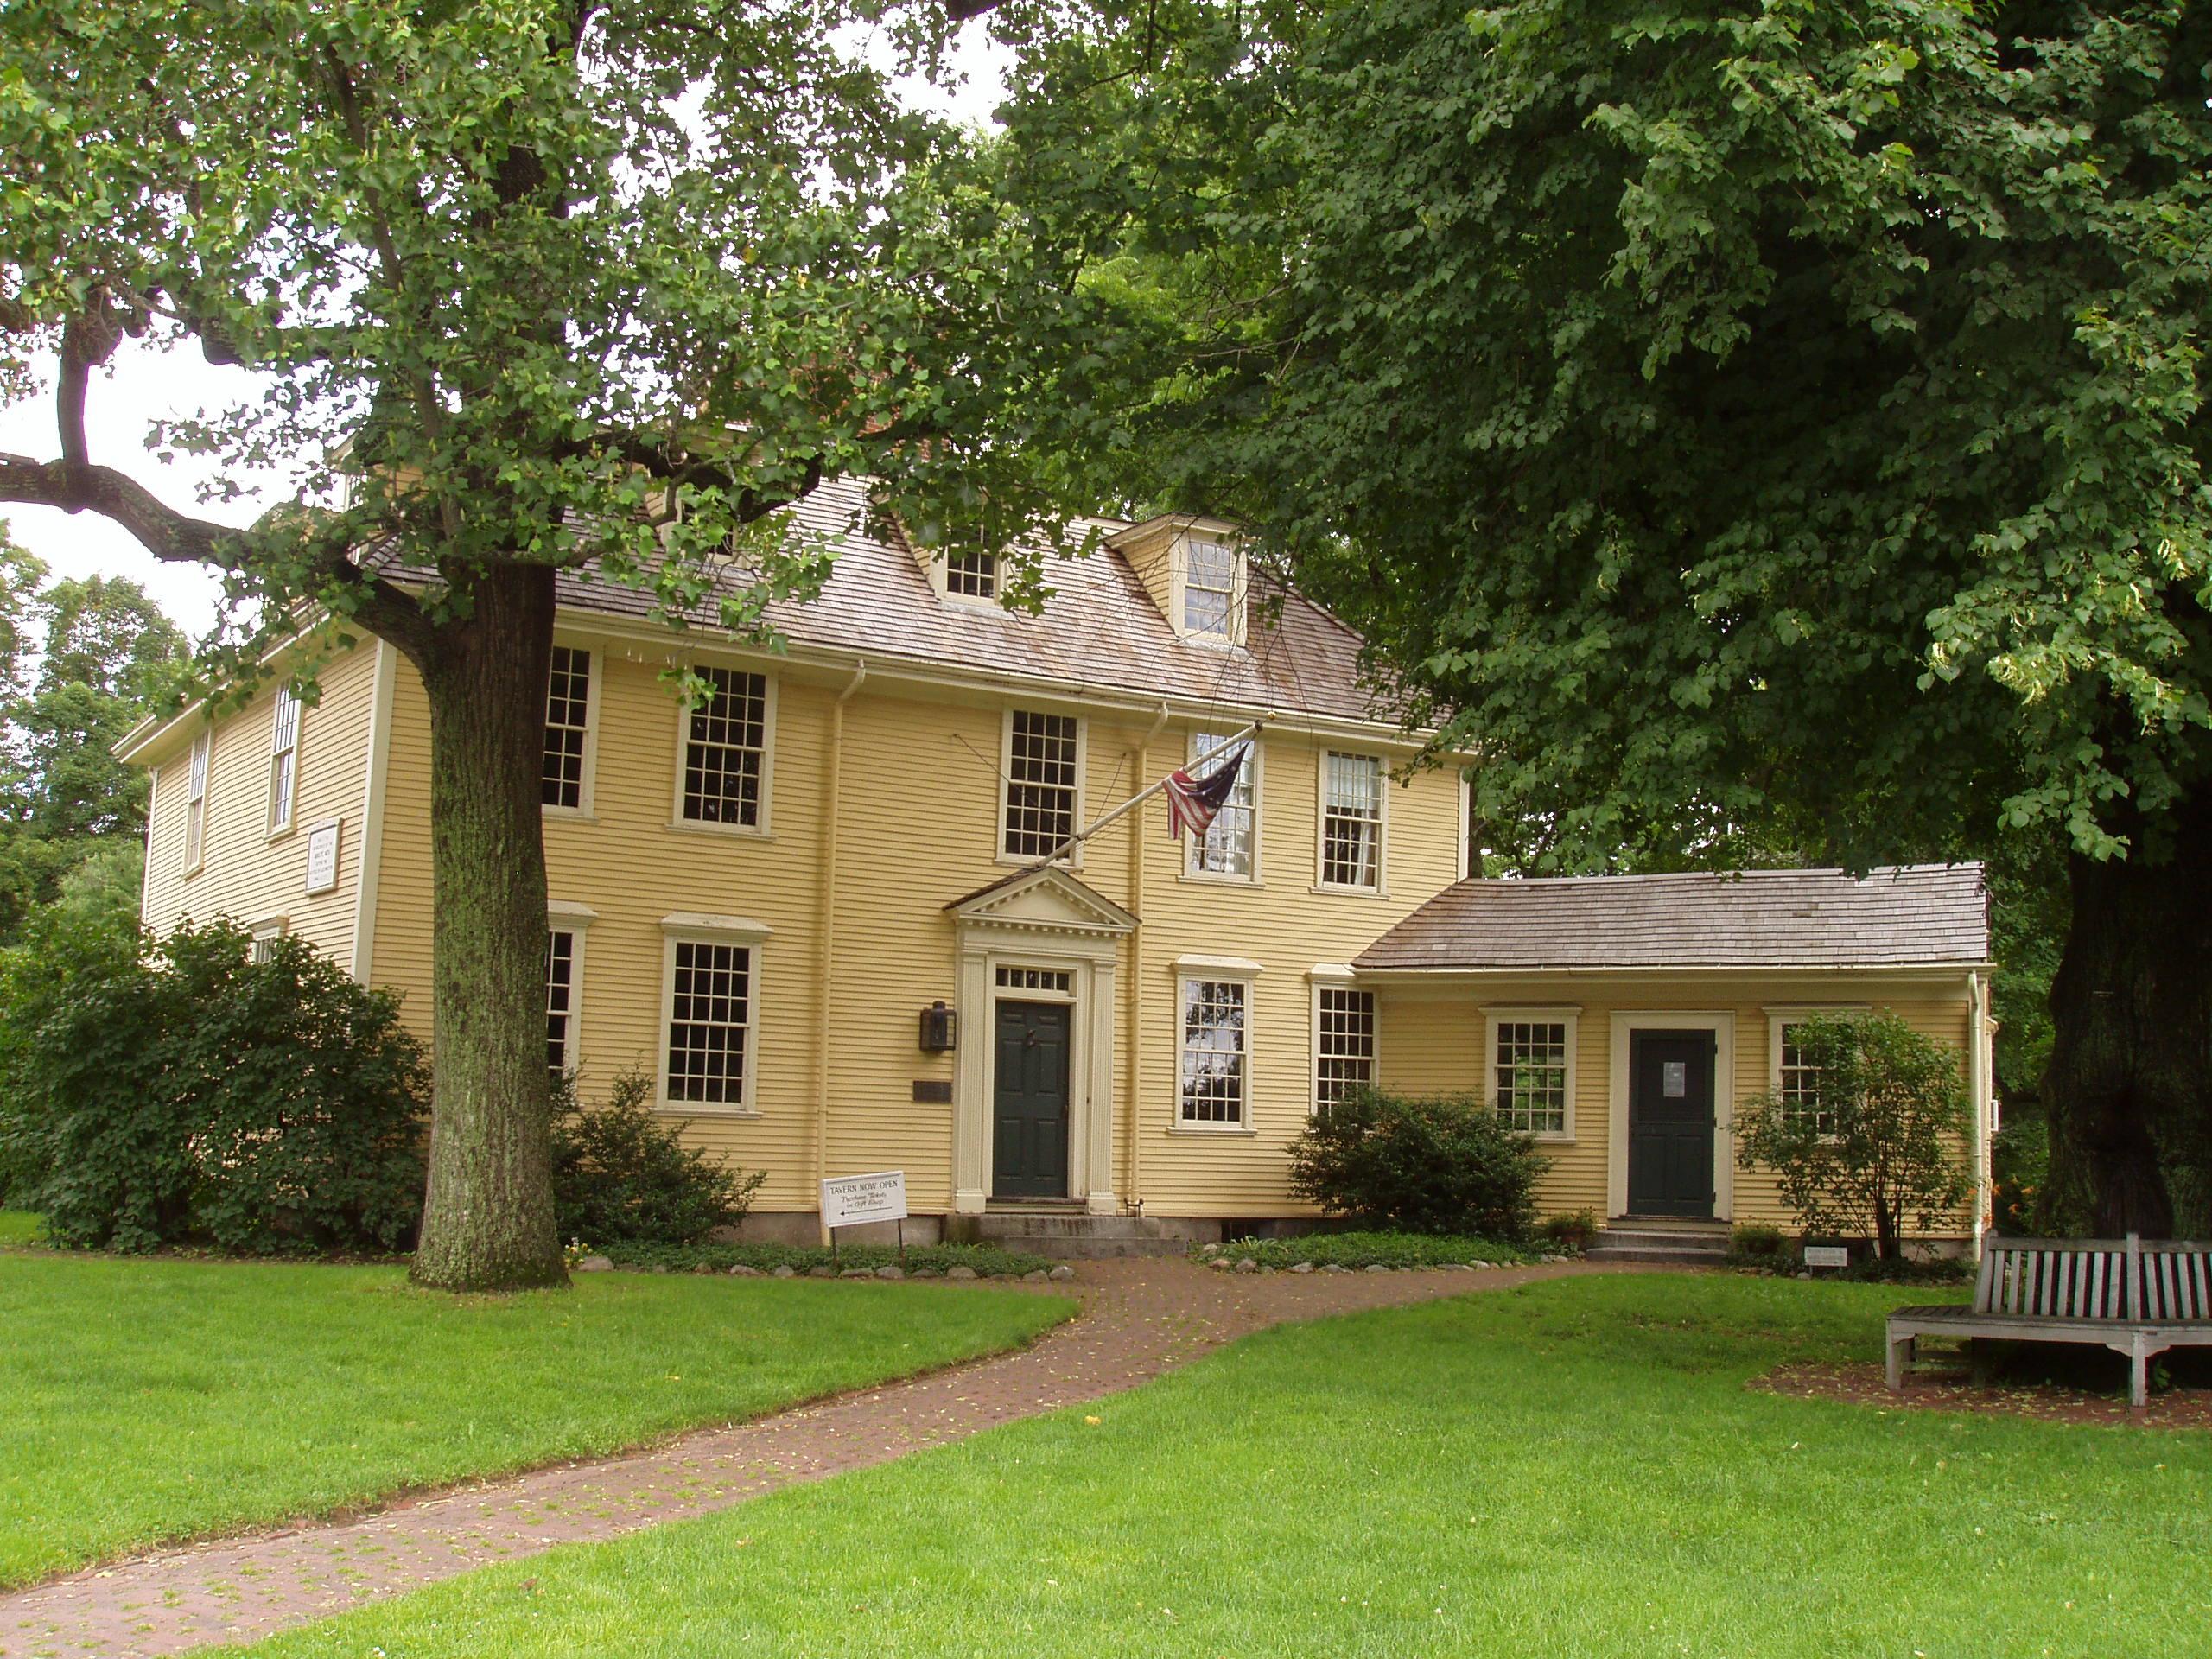 Buckman Tavern, Lexington, Massachusetts. Photo taken on July 9, 2005.